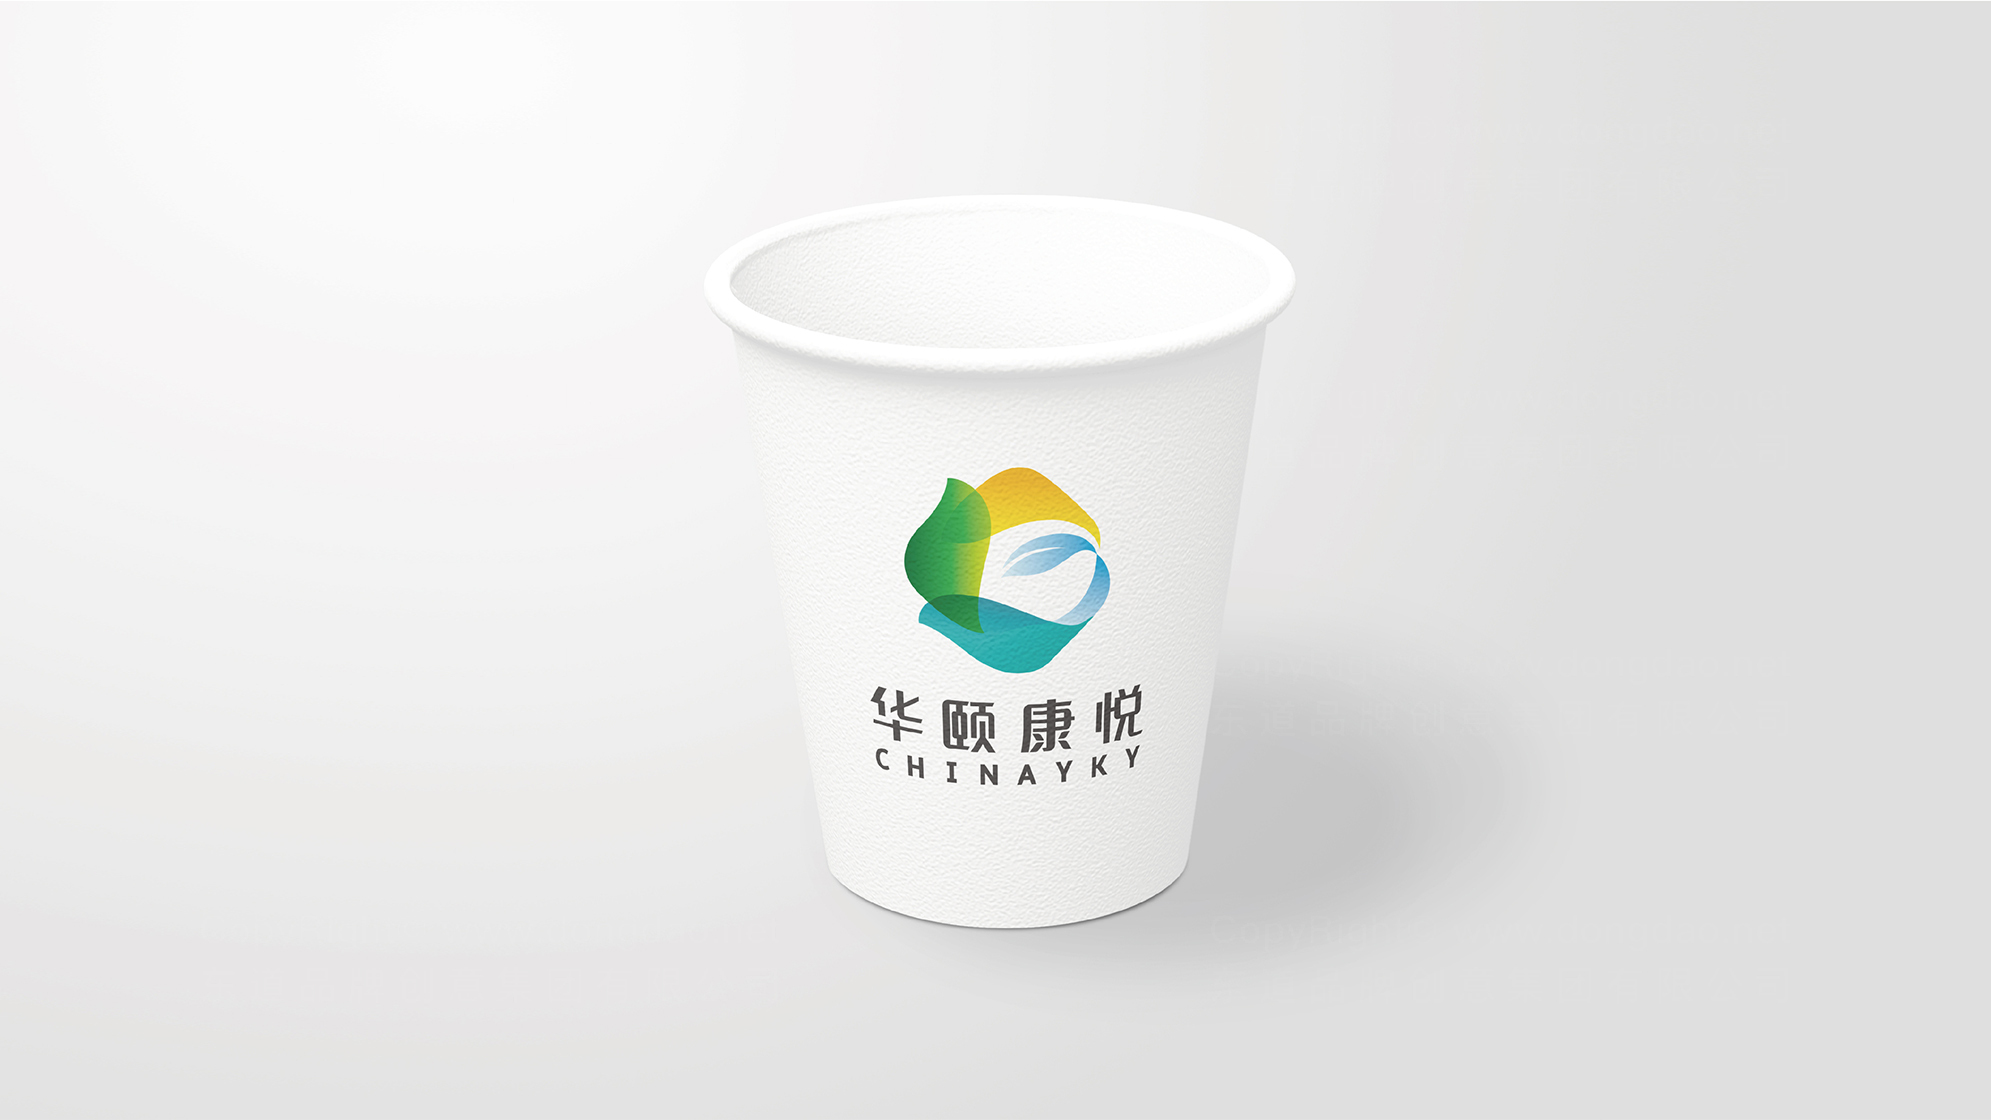 品牌设计华颐康悦标志设计应用场景_2